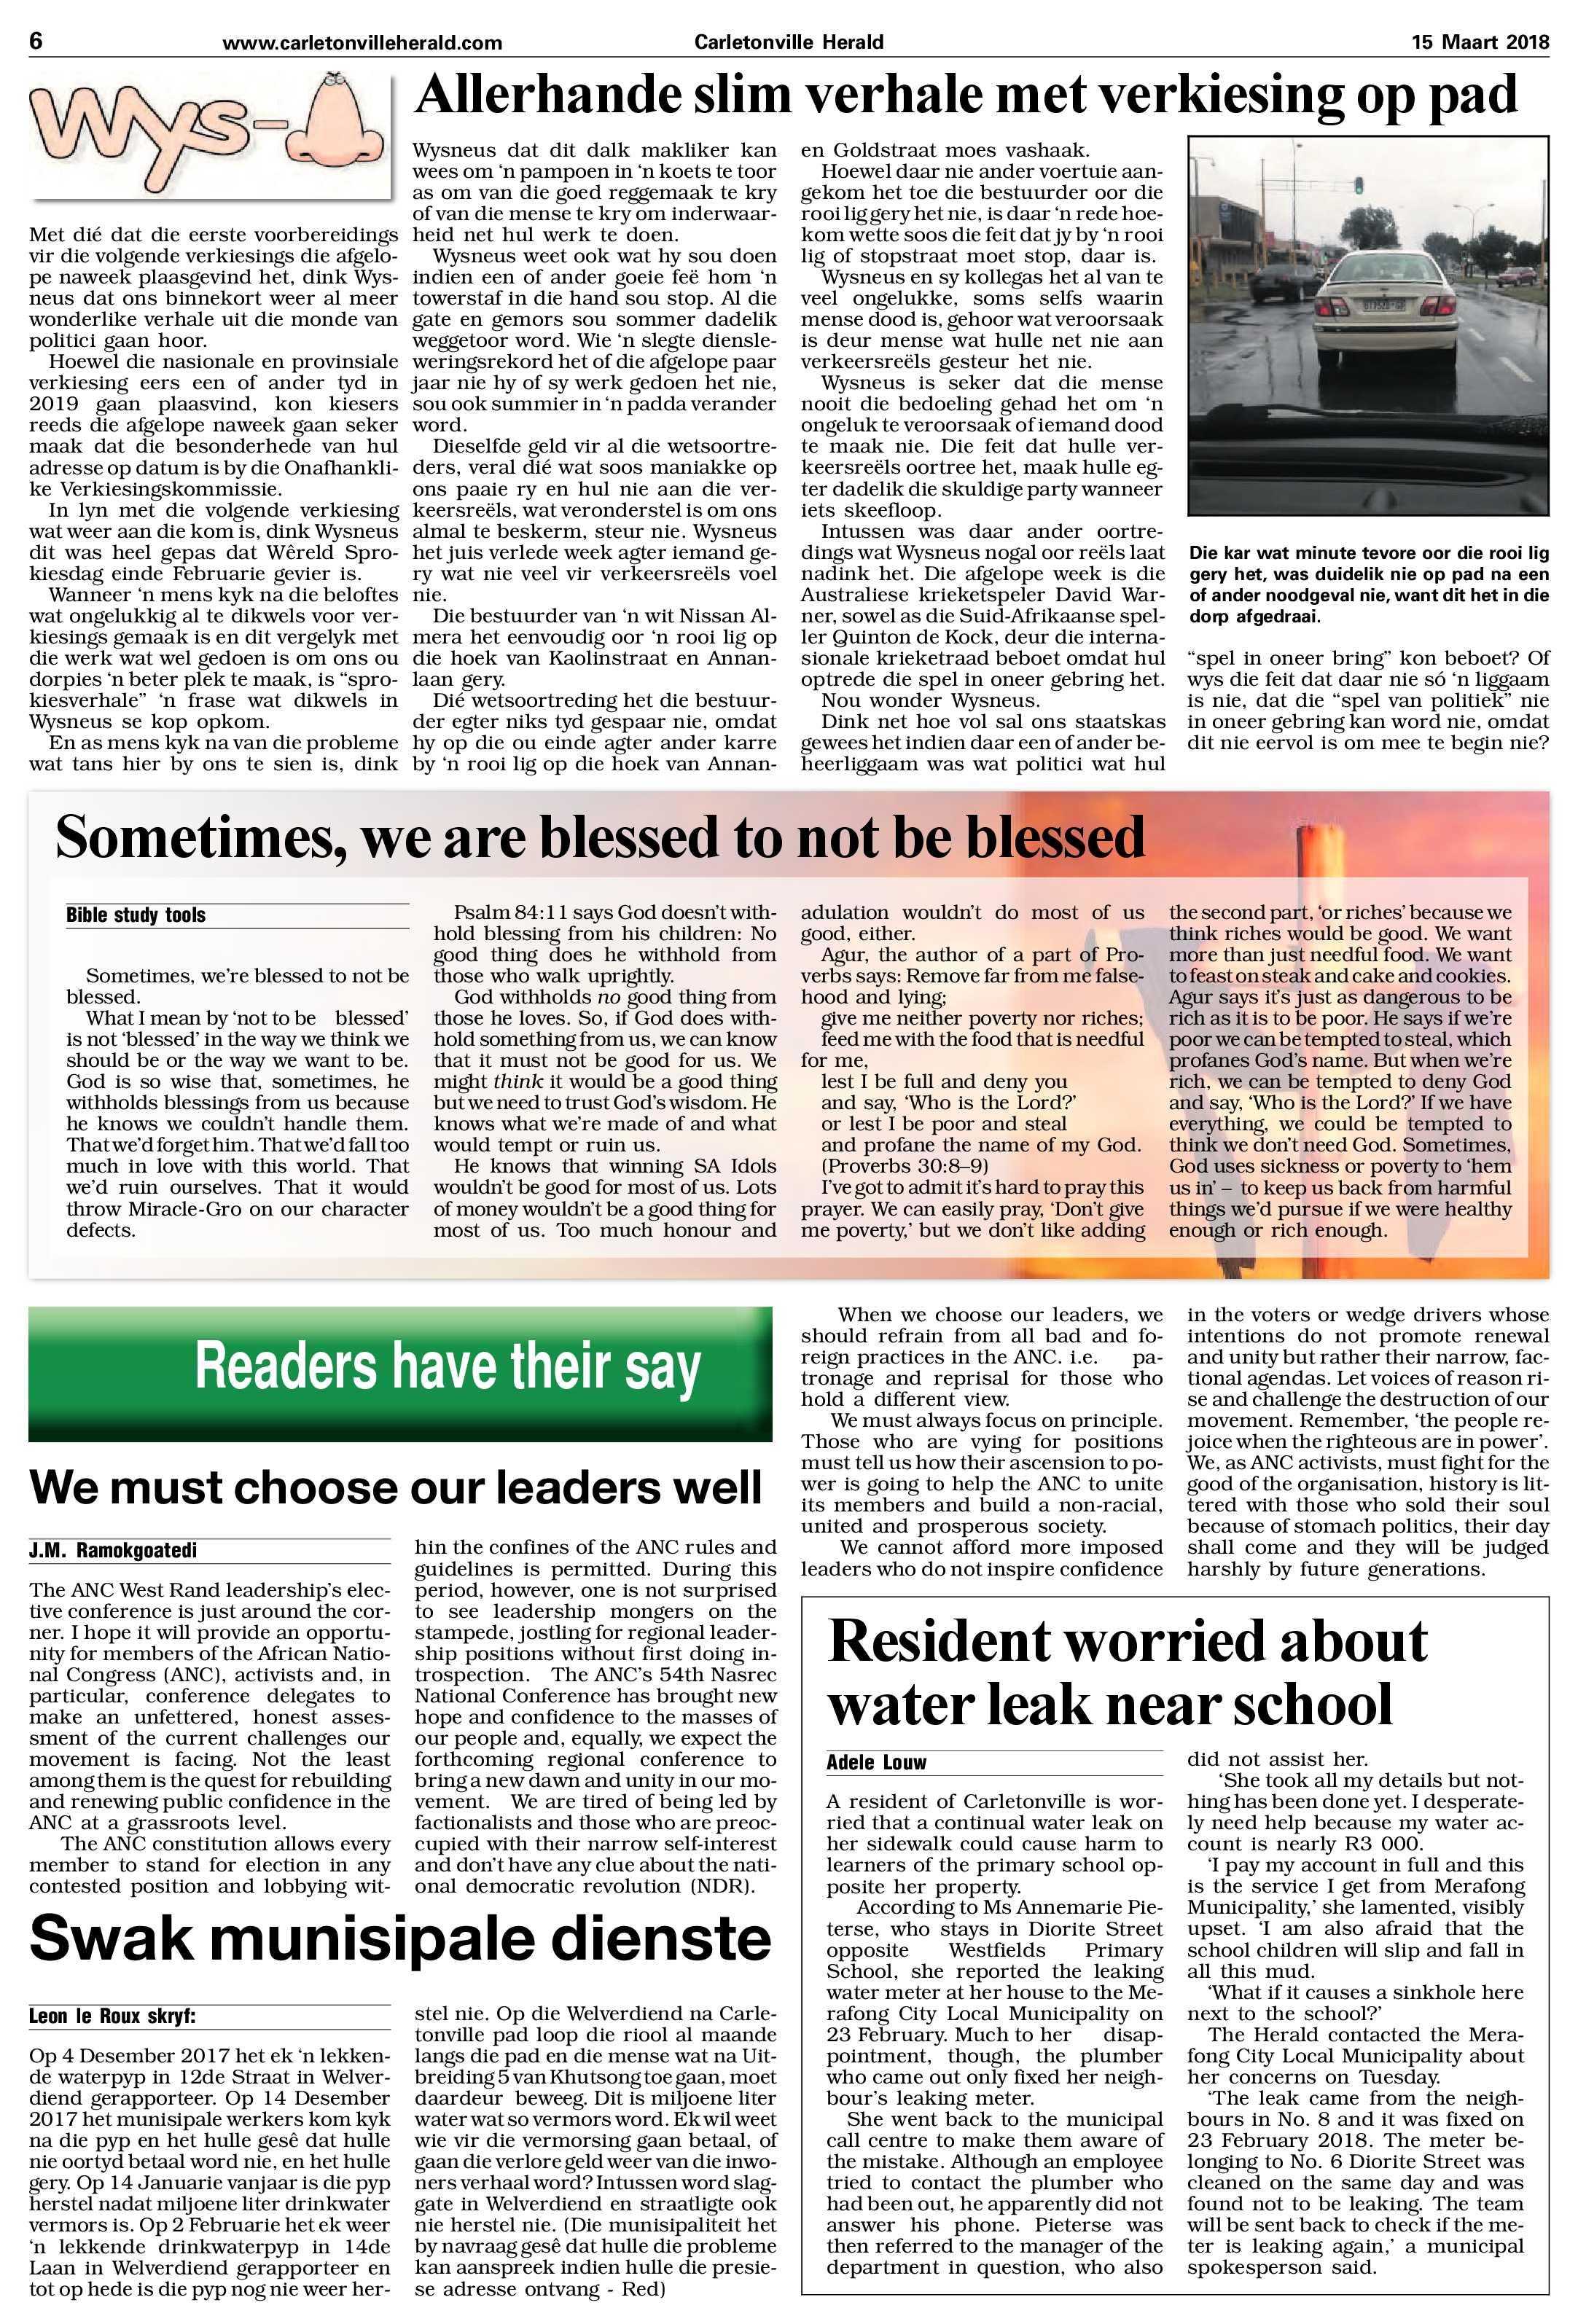 18-maart-2018-epapers-page-6